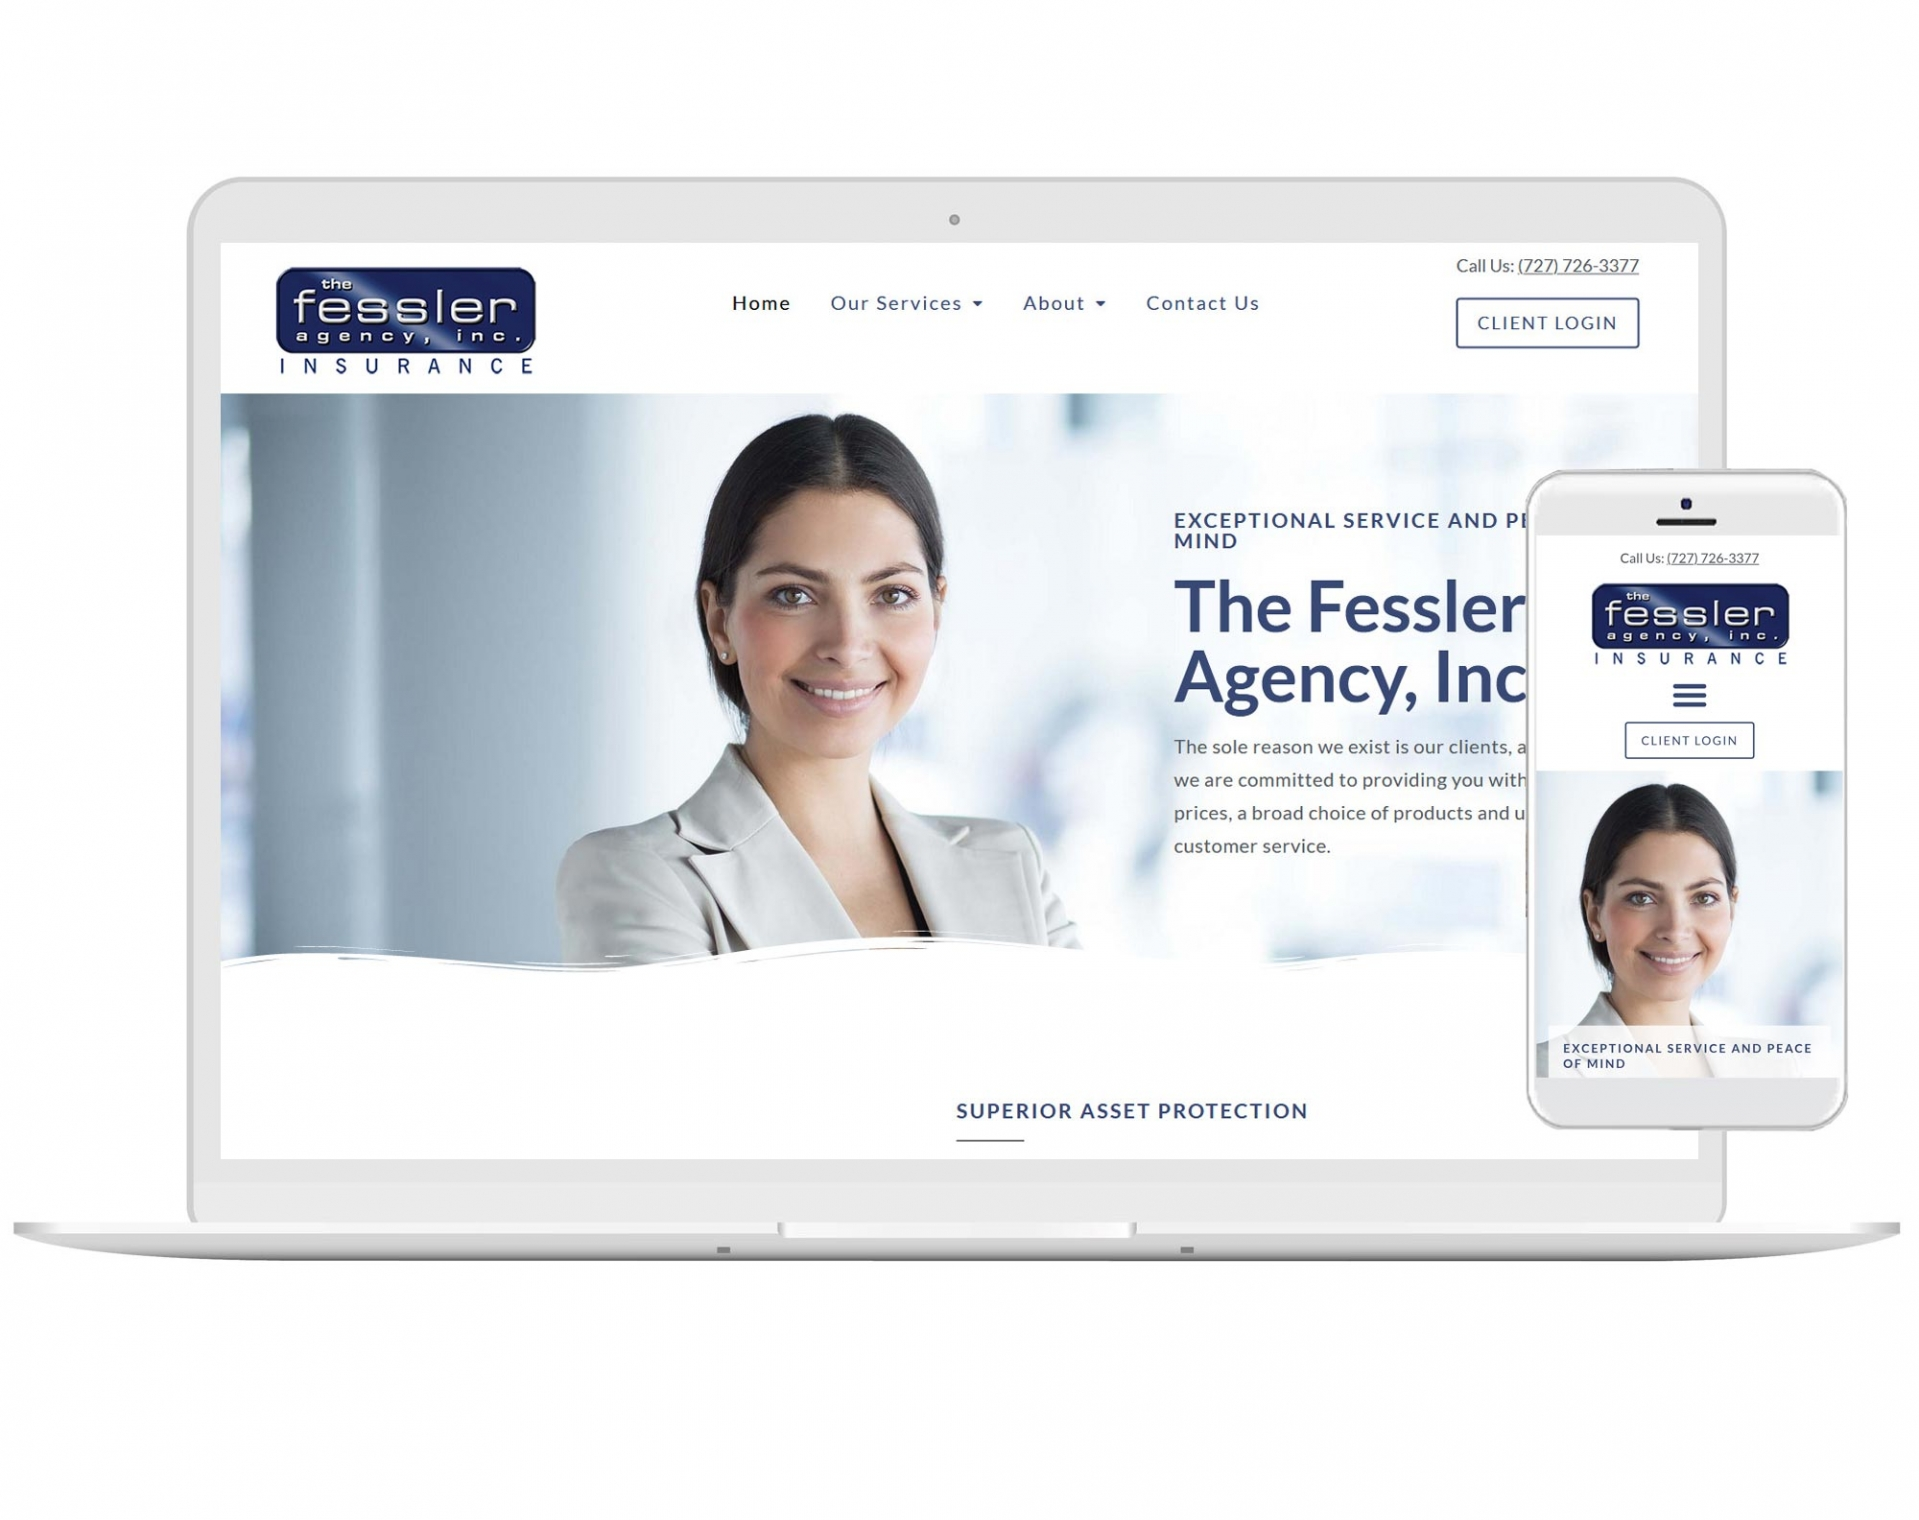 The Fessler Agency